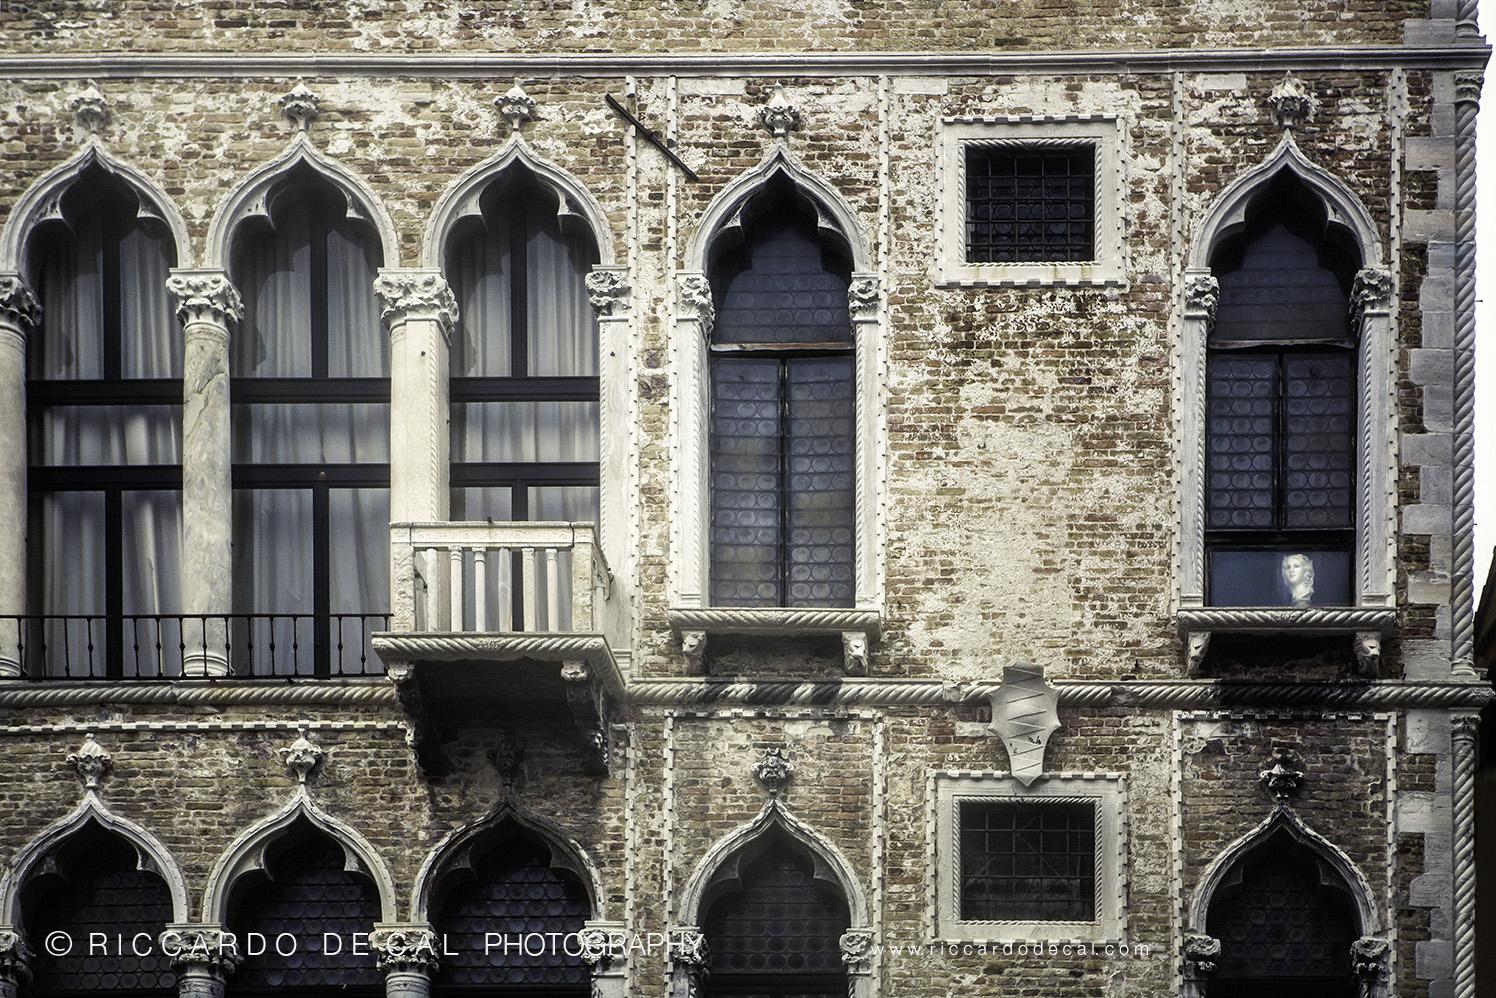 venice architecture photo